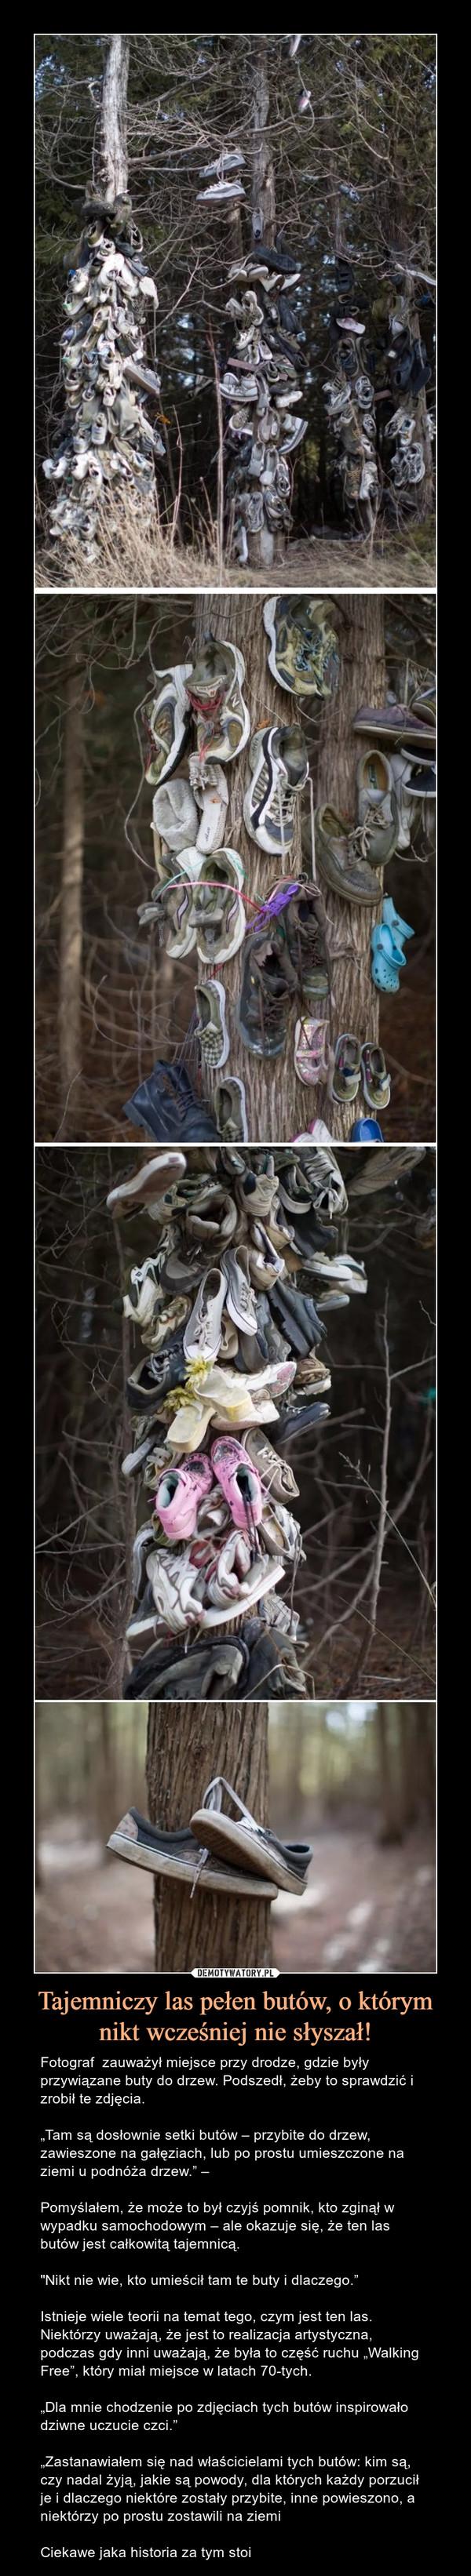 """Tajemniczy las pełen butów, o którym nikt wcześniej nie słyszał! – Fotograf  zauważył miejsce przy drodze, gdzie były przywiązane buty do drzew. Podszedł, żeby to sprawdzić i zrobił te zdjęcia.""""Tam są dosłownie setki butów – przybite do drzew, zawieszone na gałęziach, lub po prostu umieszczone na ziemi u podnóża drzew."""" – Pomyślałem, że może to był czyjś pomnik, kto zginął w wypadku samochodowym – ale okazuje się, że ten las butów jest całkowitą tajemnicą.""""Nikt nie wie, kto umieścił tam te buty i dlaczego.""""Istnieje wiele teorii na temat tego, czym jest ten las. Niektórzy uważają, że jest to realizacja artystyczna, podczas gdy inni uważają, że była to część ruchu """"Walking Free"""", który miał miejsce w latach 70-tych.""""Dla mnie chodzenie po zdjęciach tych butów inspirowało dziwne uczucie czci.""""""""Zastanawiałem się nad właścicielami tych butów: kim są, czy nadal żyją, jakie są powody, dla których każdy porzucił je i dlaczego niektóre zostały przybite, inne powieszono, a niektórzy po prostu zostawili na ziemiCiekawe jaka historia za tym stoi"""